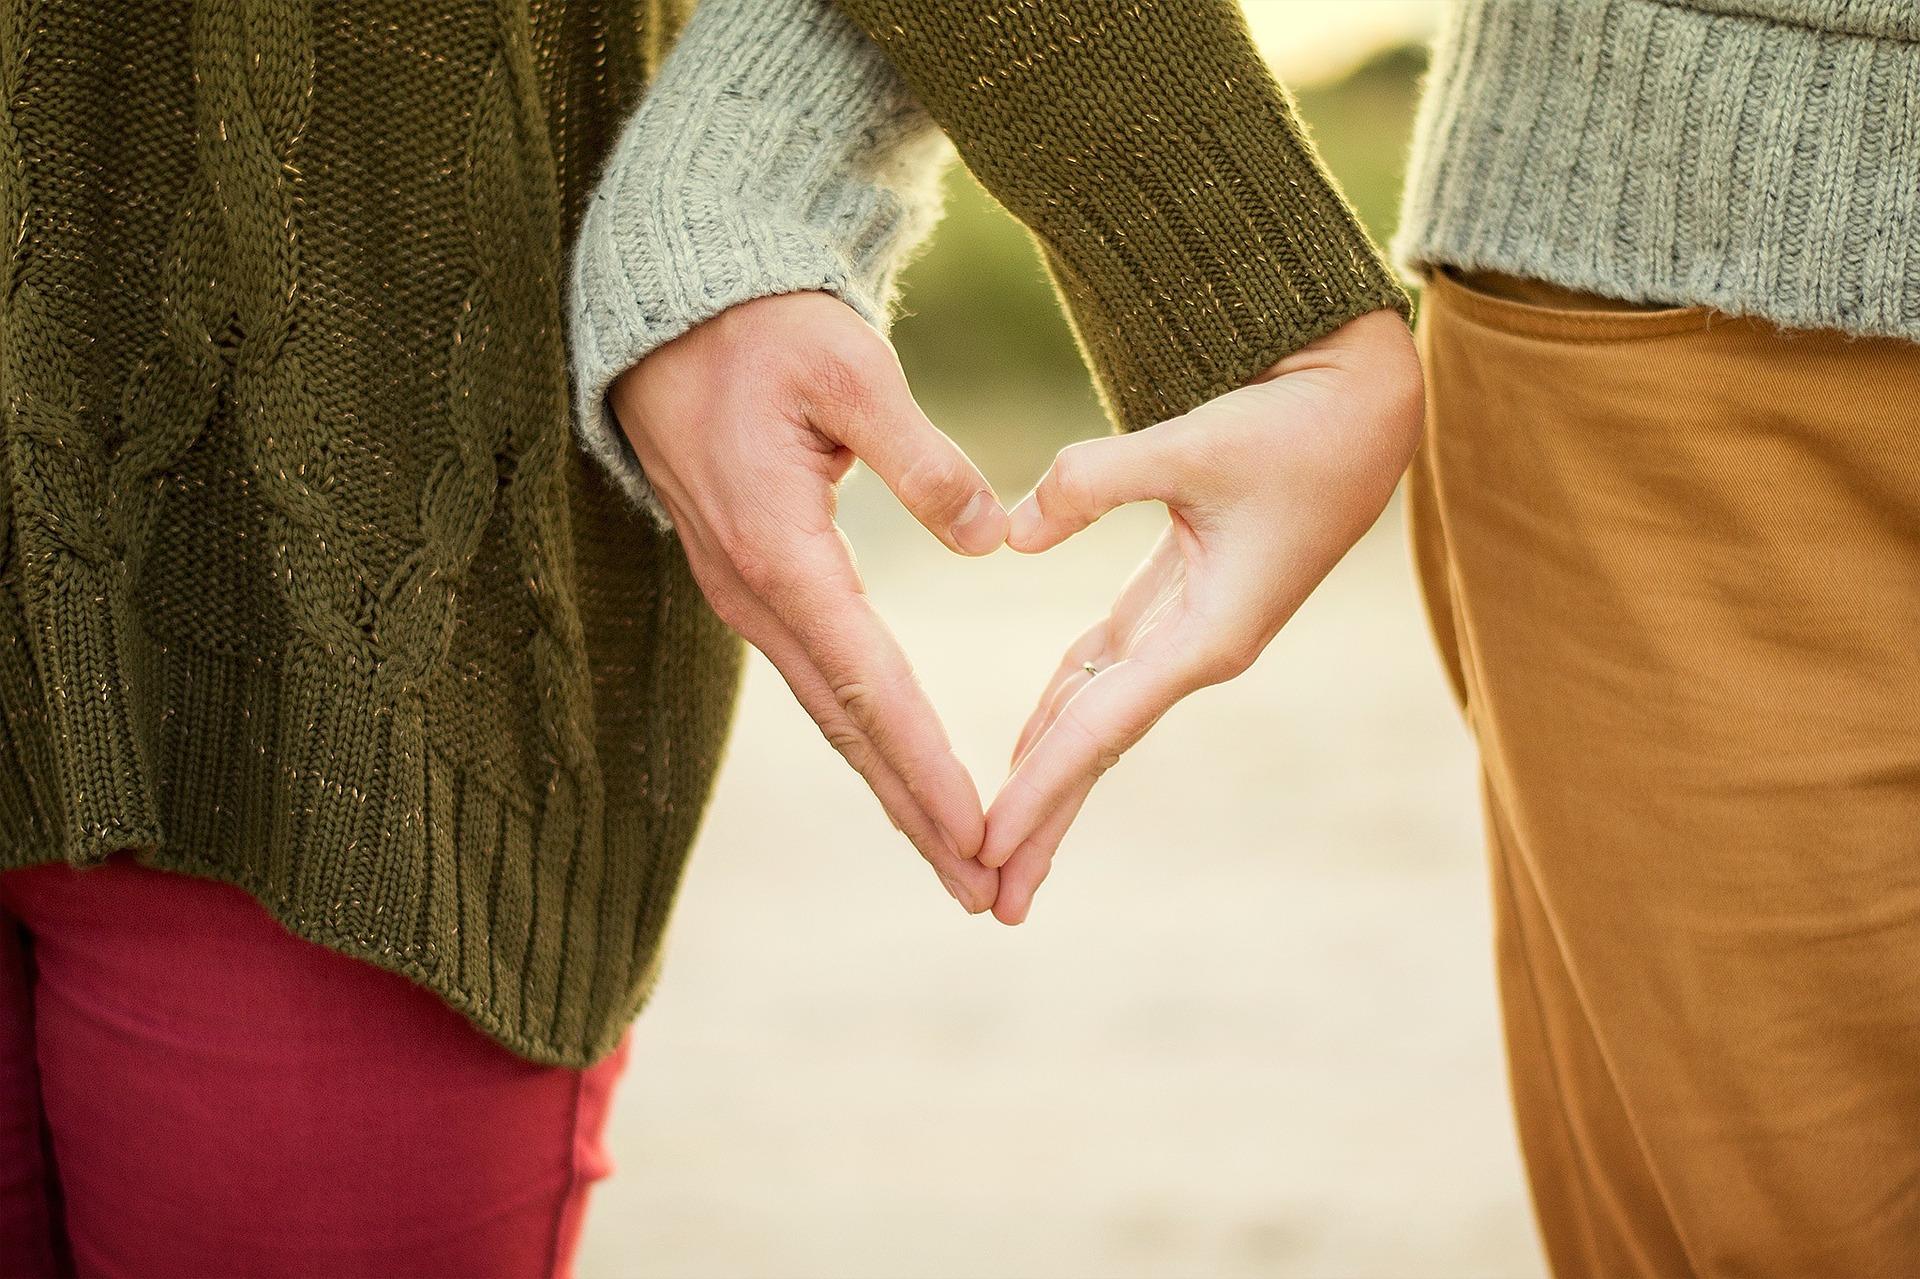 Consejos para mejorar la comunicación de pareja